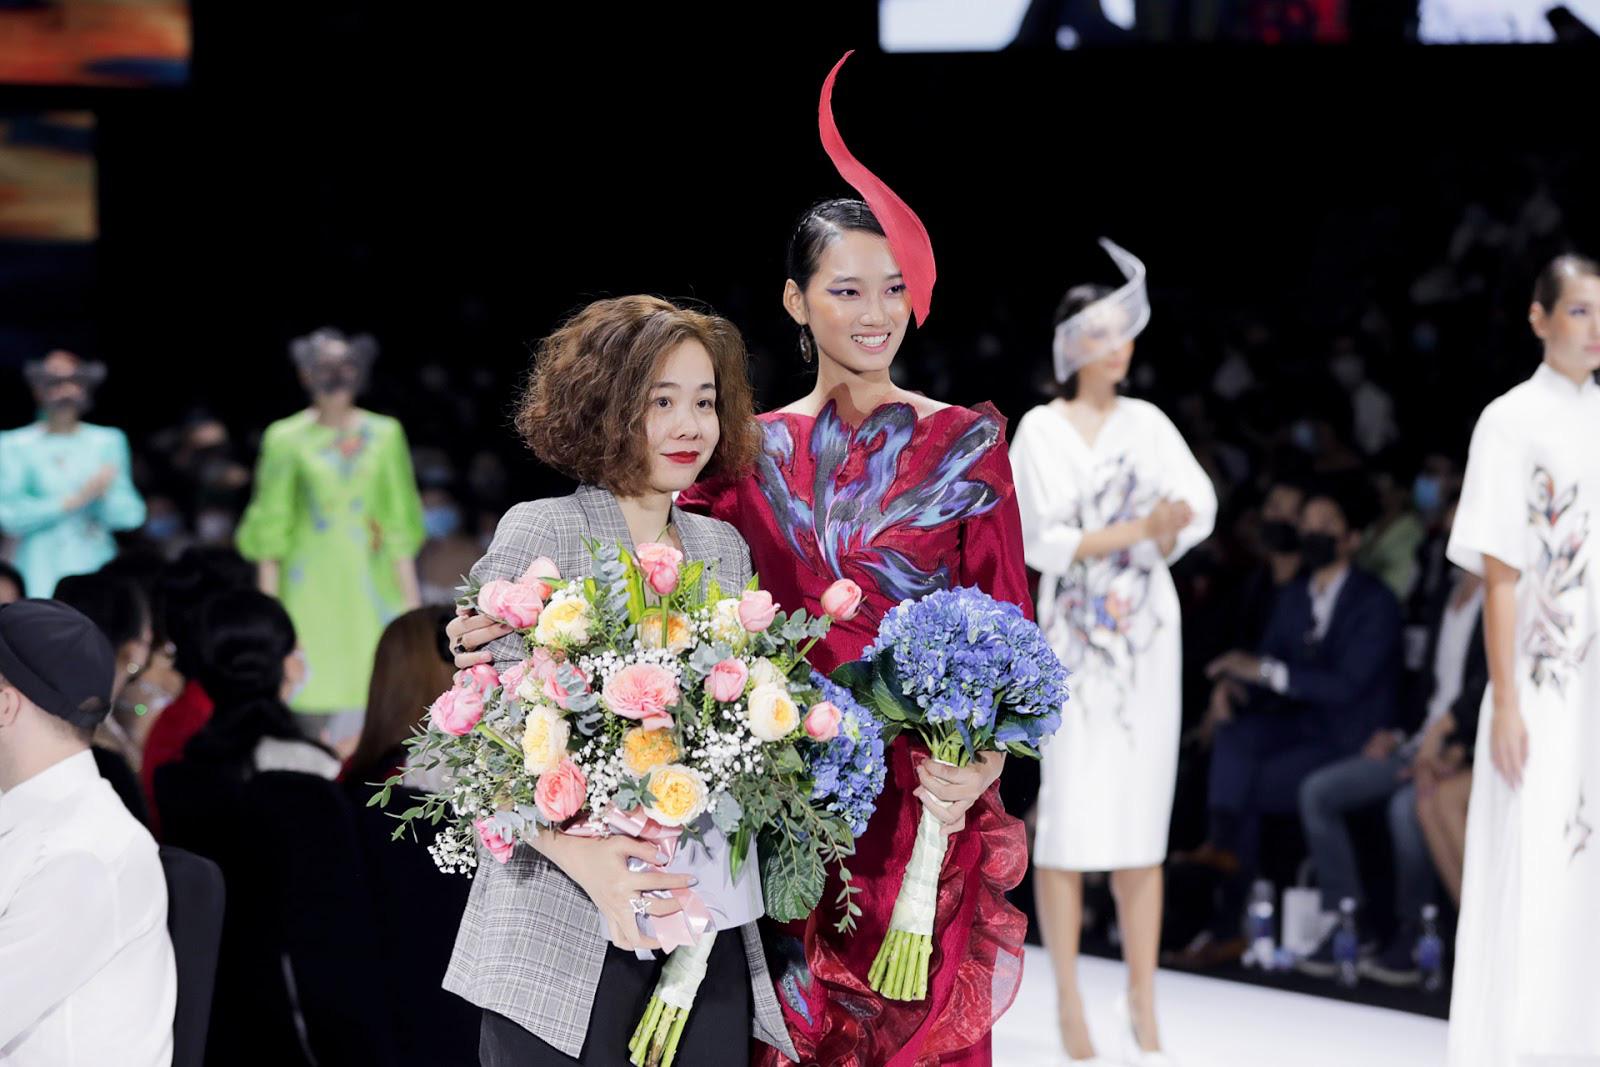 'Nàng thơ' Quỳnh Anh The Face và Tiny Ink Hoàng Quyên đã 'chiêu đãi' công chúng một 'bữa tiệc thời trang' bắt mắt, khẳng định tên tuổi của một trong những nhà thiết kế hàng đầu Việt Nam